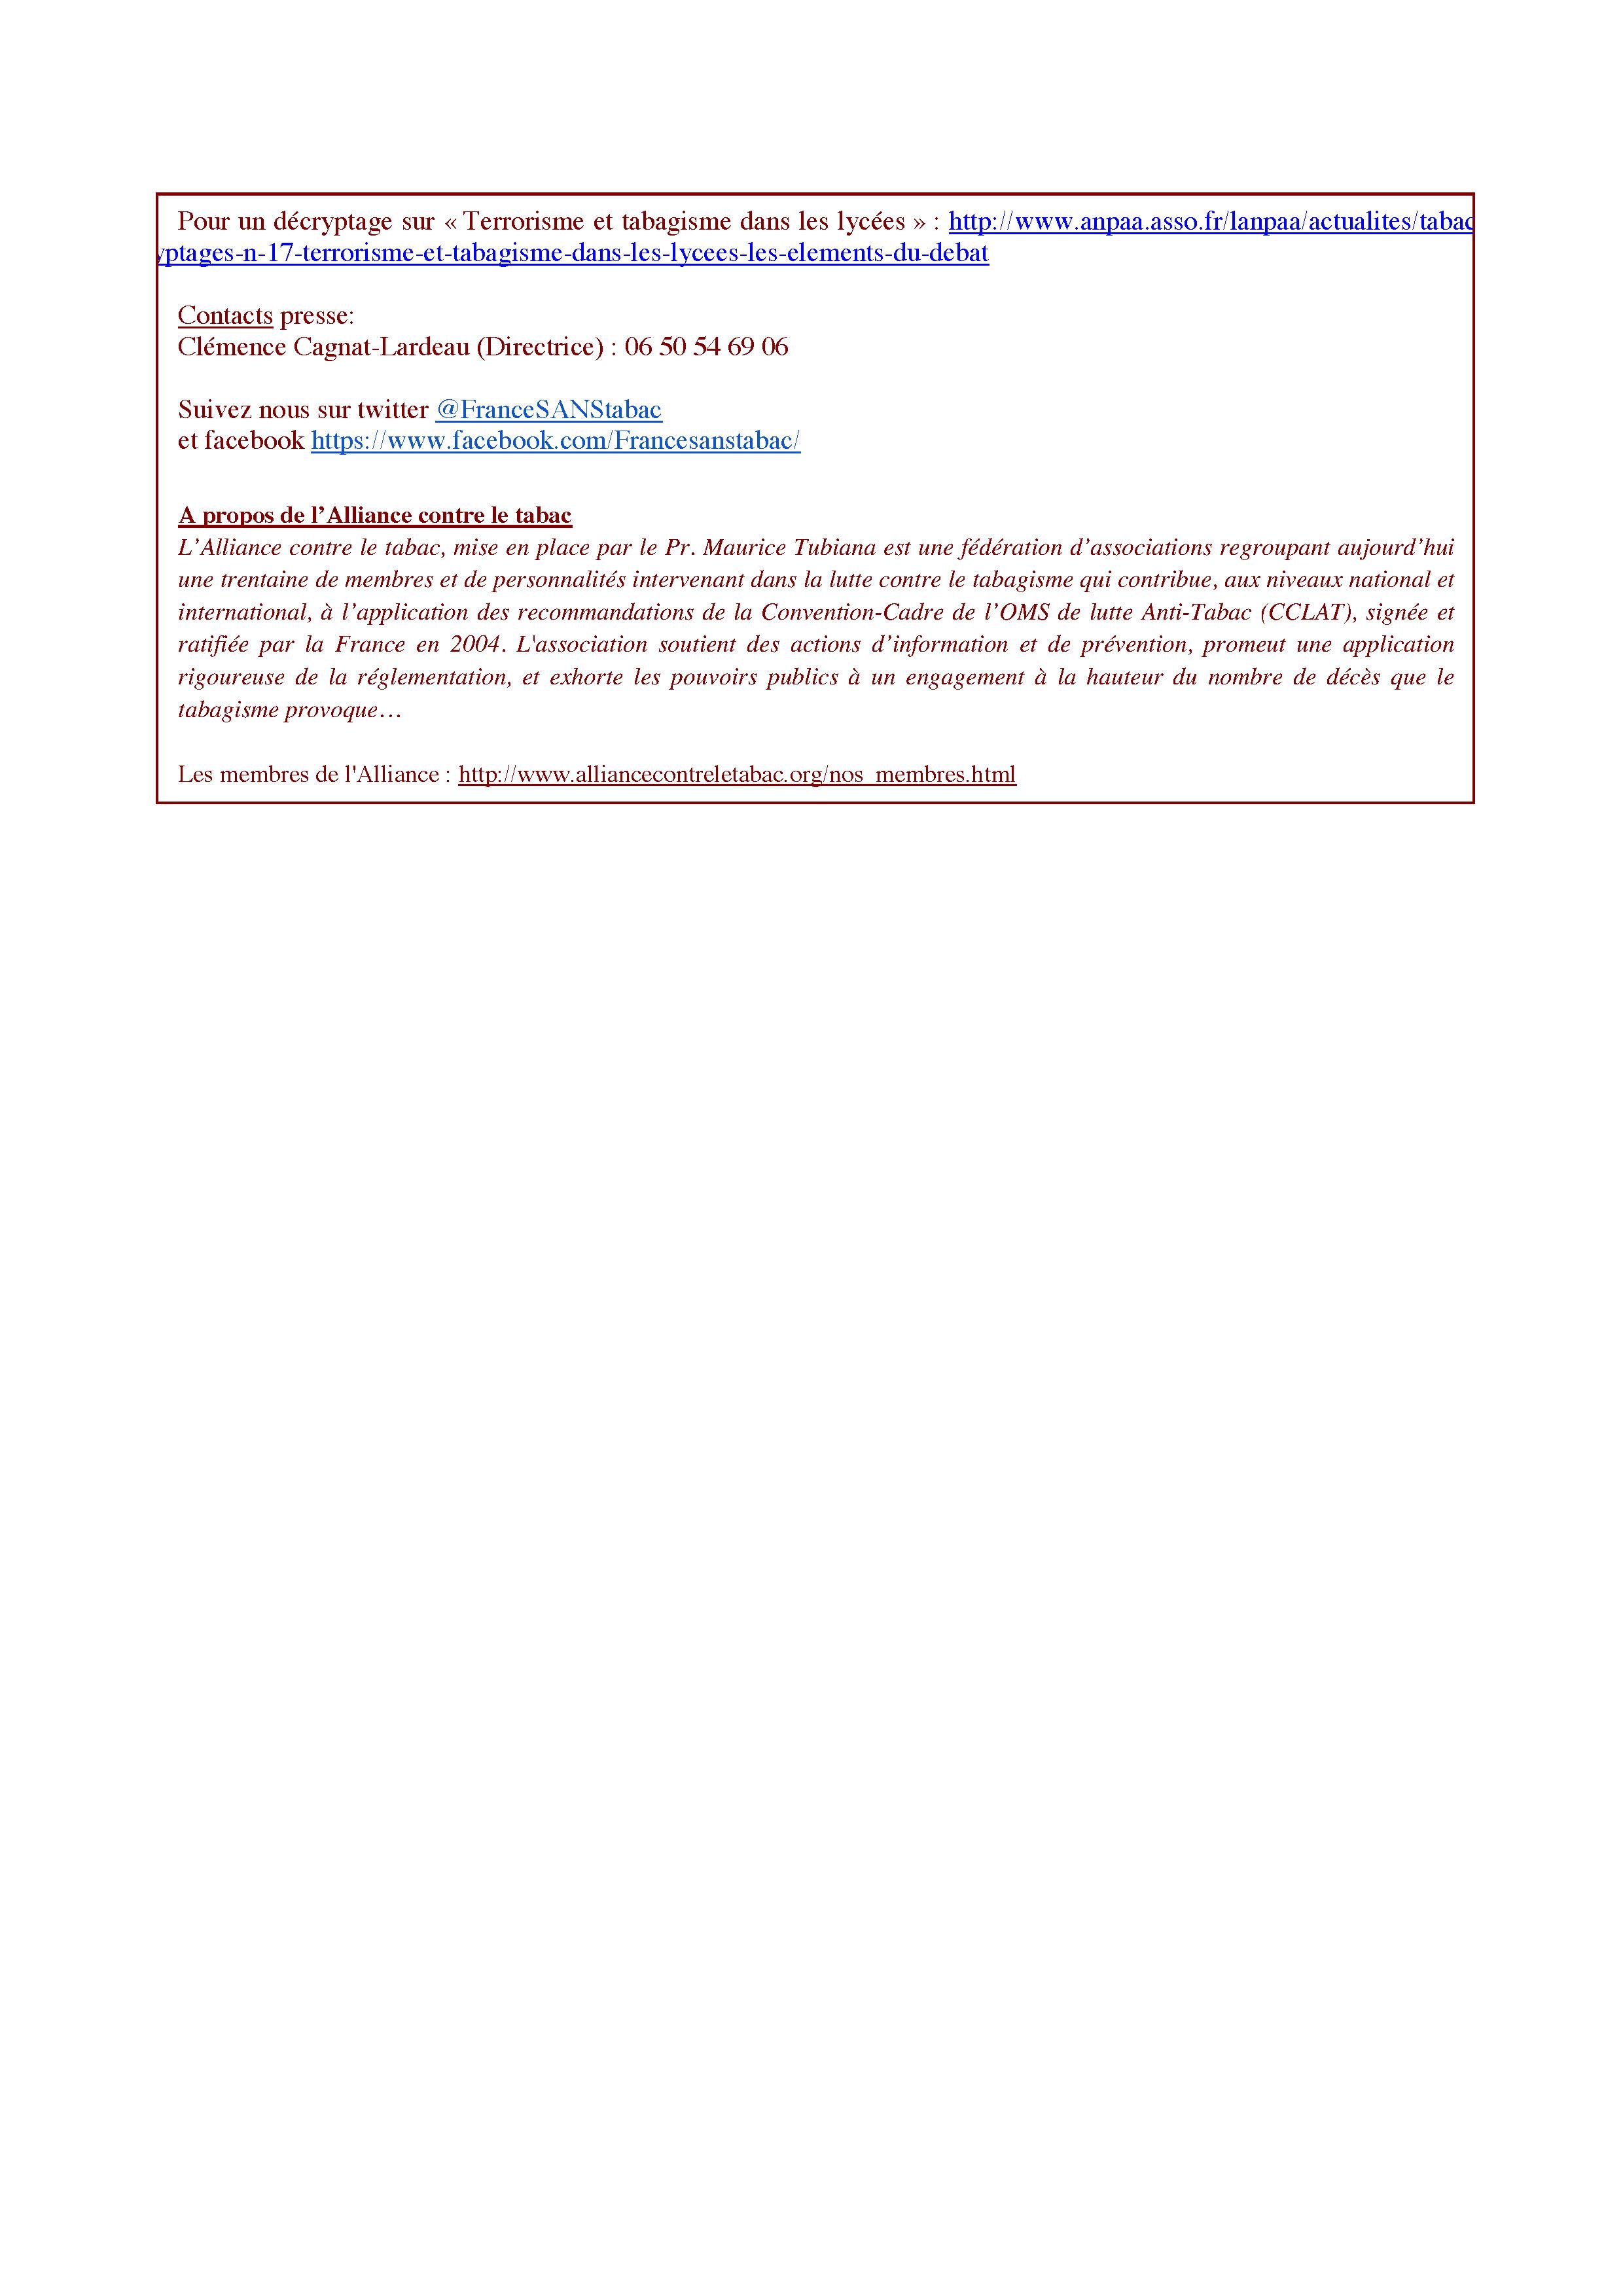 Alliance-CP_reinstallation-des-coins-fumeurs-declares-illegaux-dans-les-etablissements-scolaires-20sept2016_Page_2.jpg